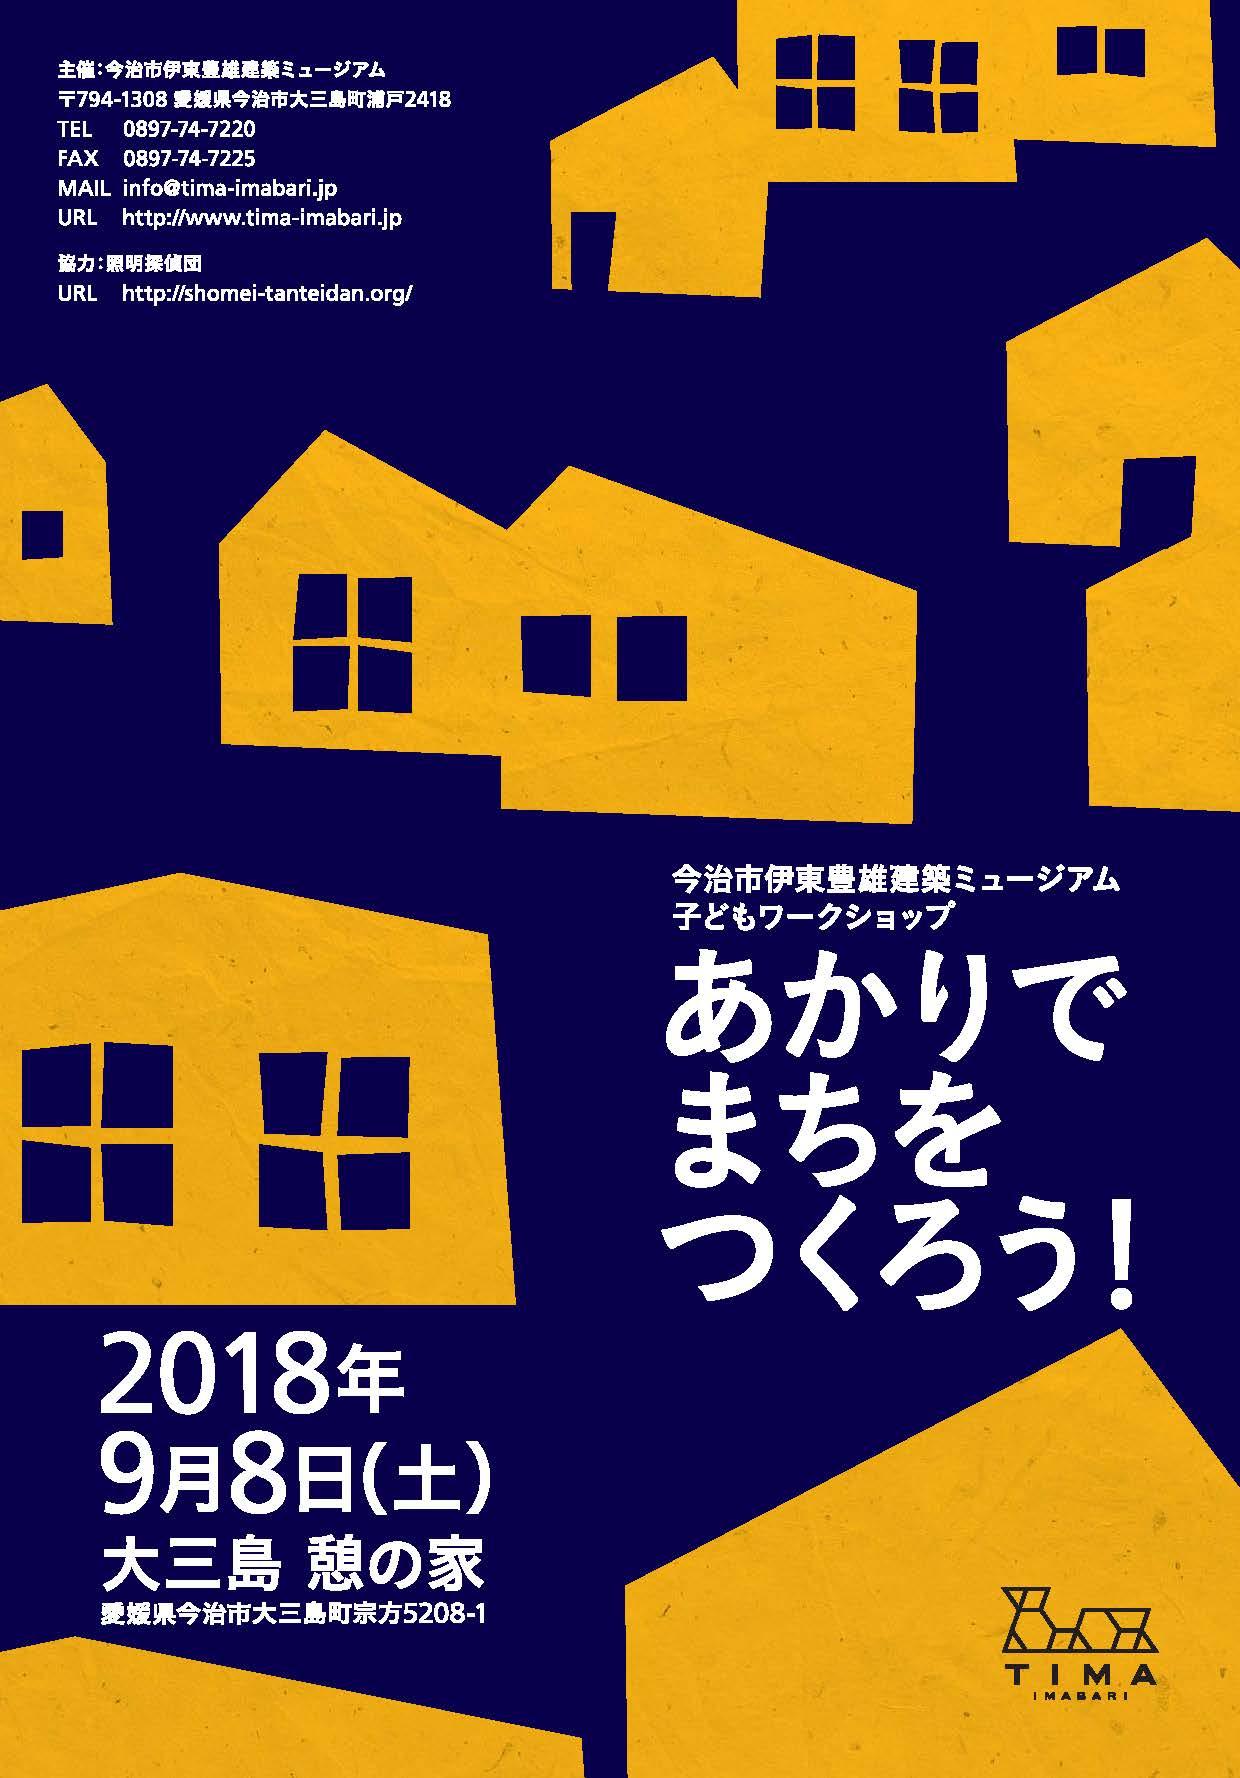 20180727_itojuku_ページ_1